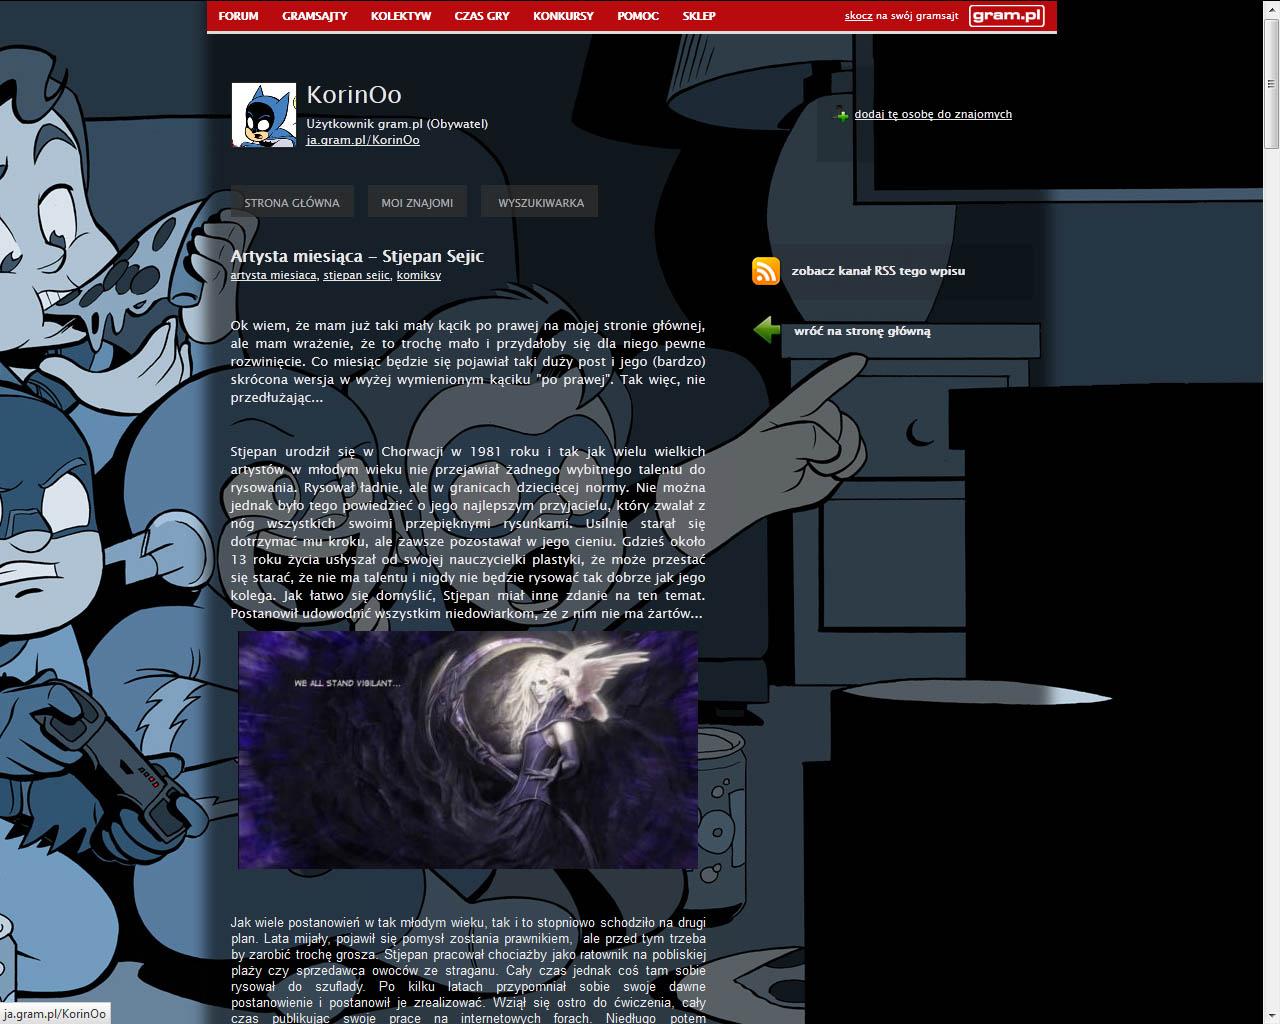 Co w gramsajtach piszczy #117 - E.T., nowy Torment i zabawy Animka! - obrazek 5